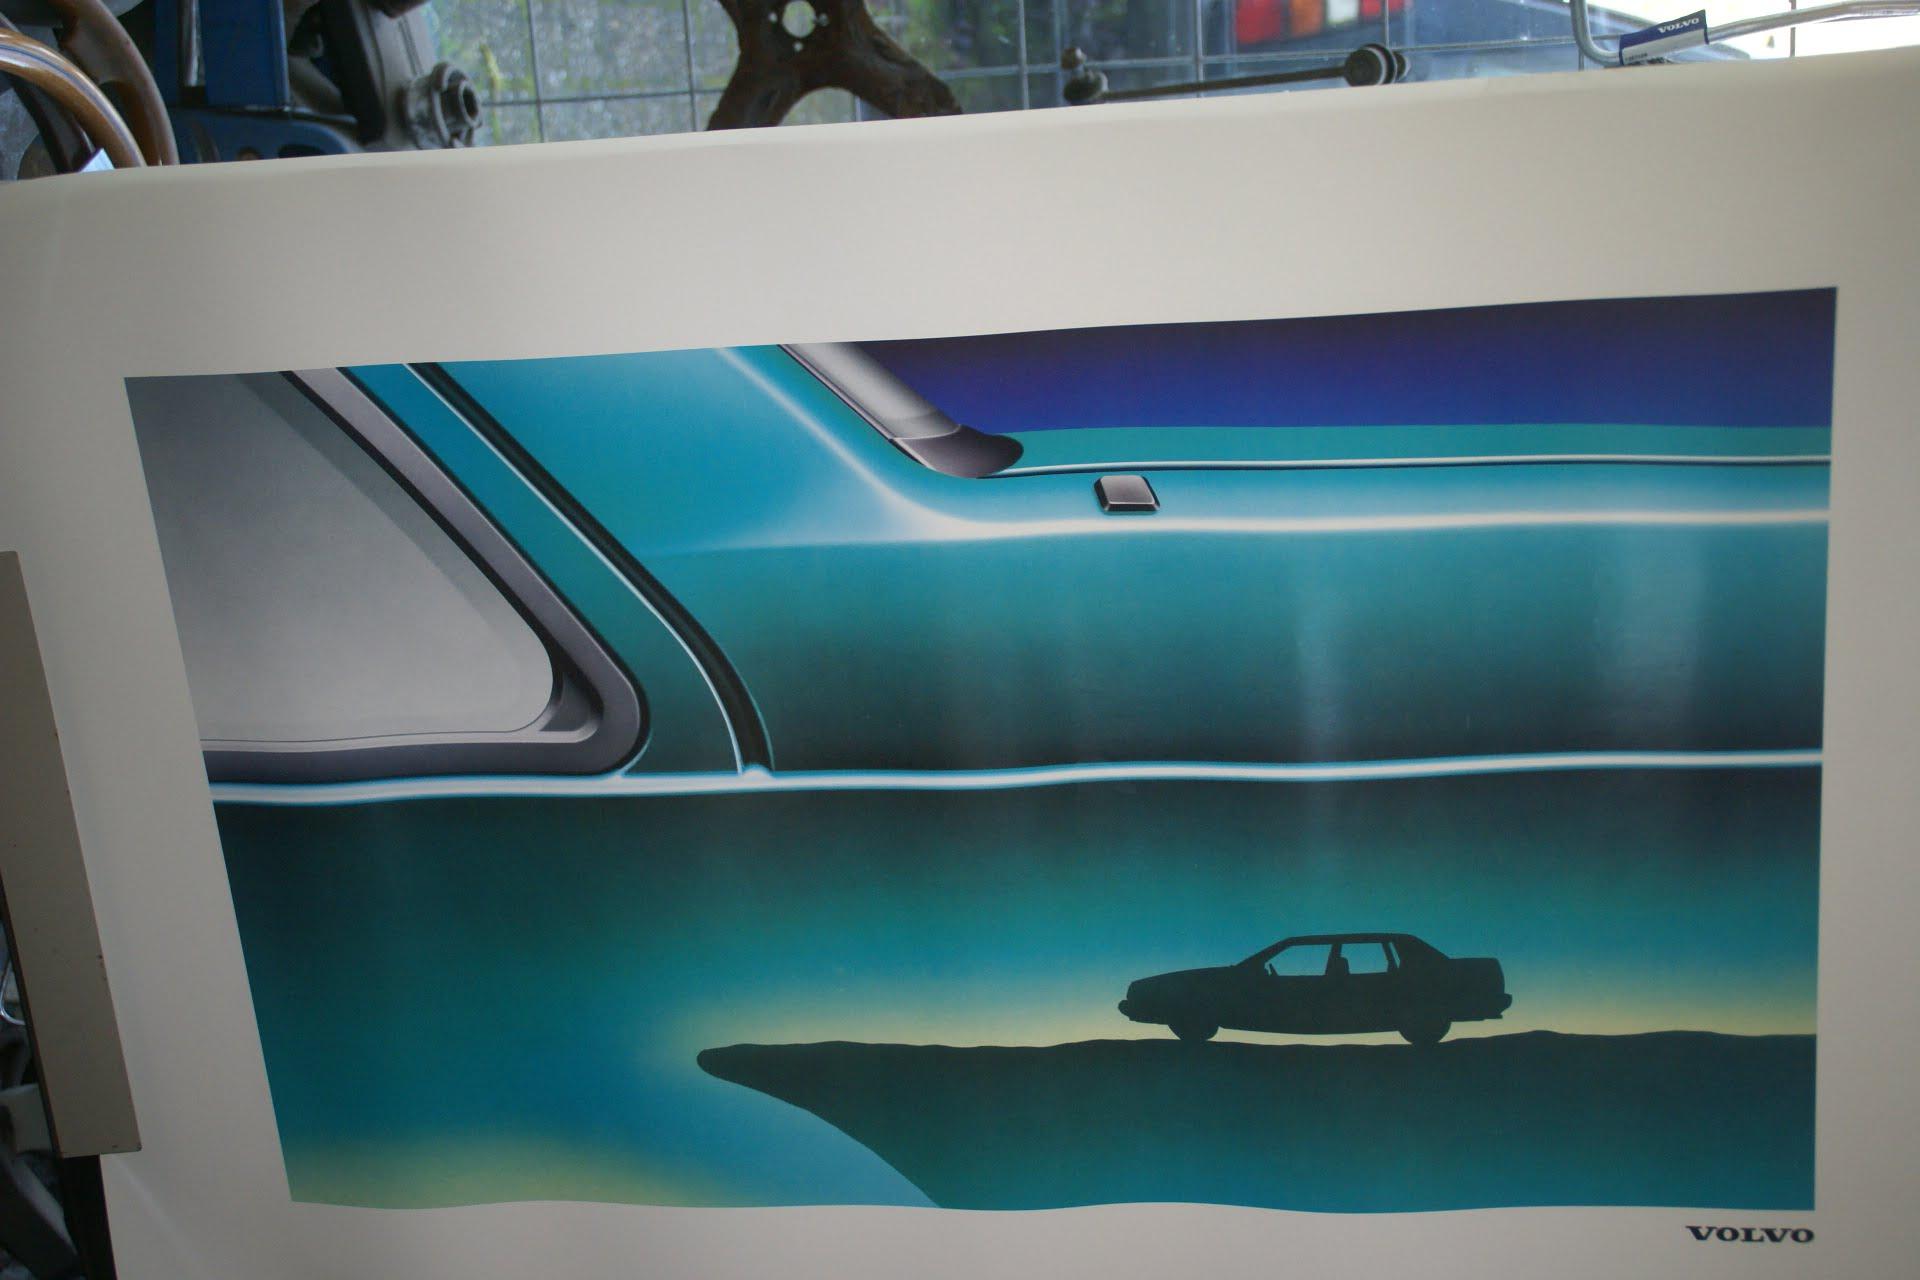 DSC02355 Volvo 460 poster MSPV 4390